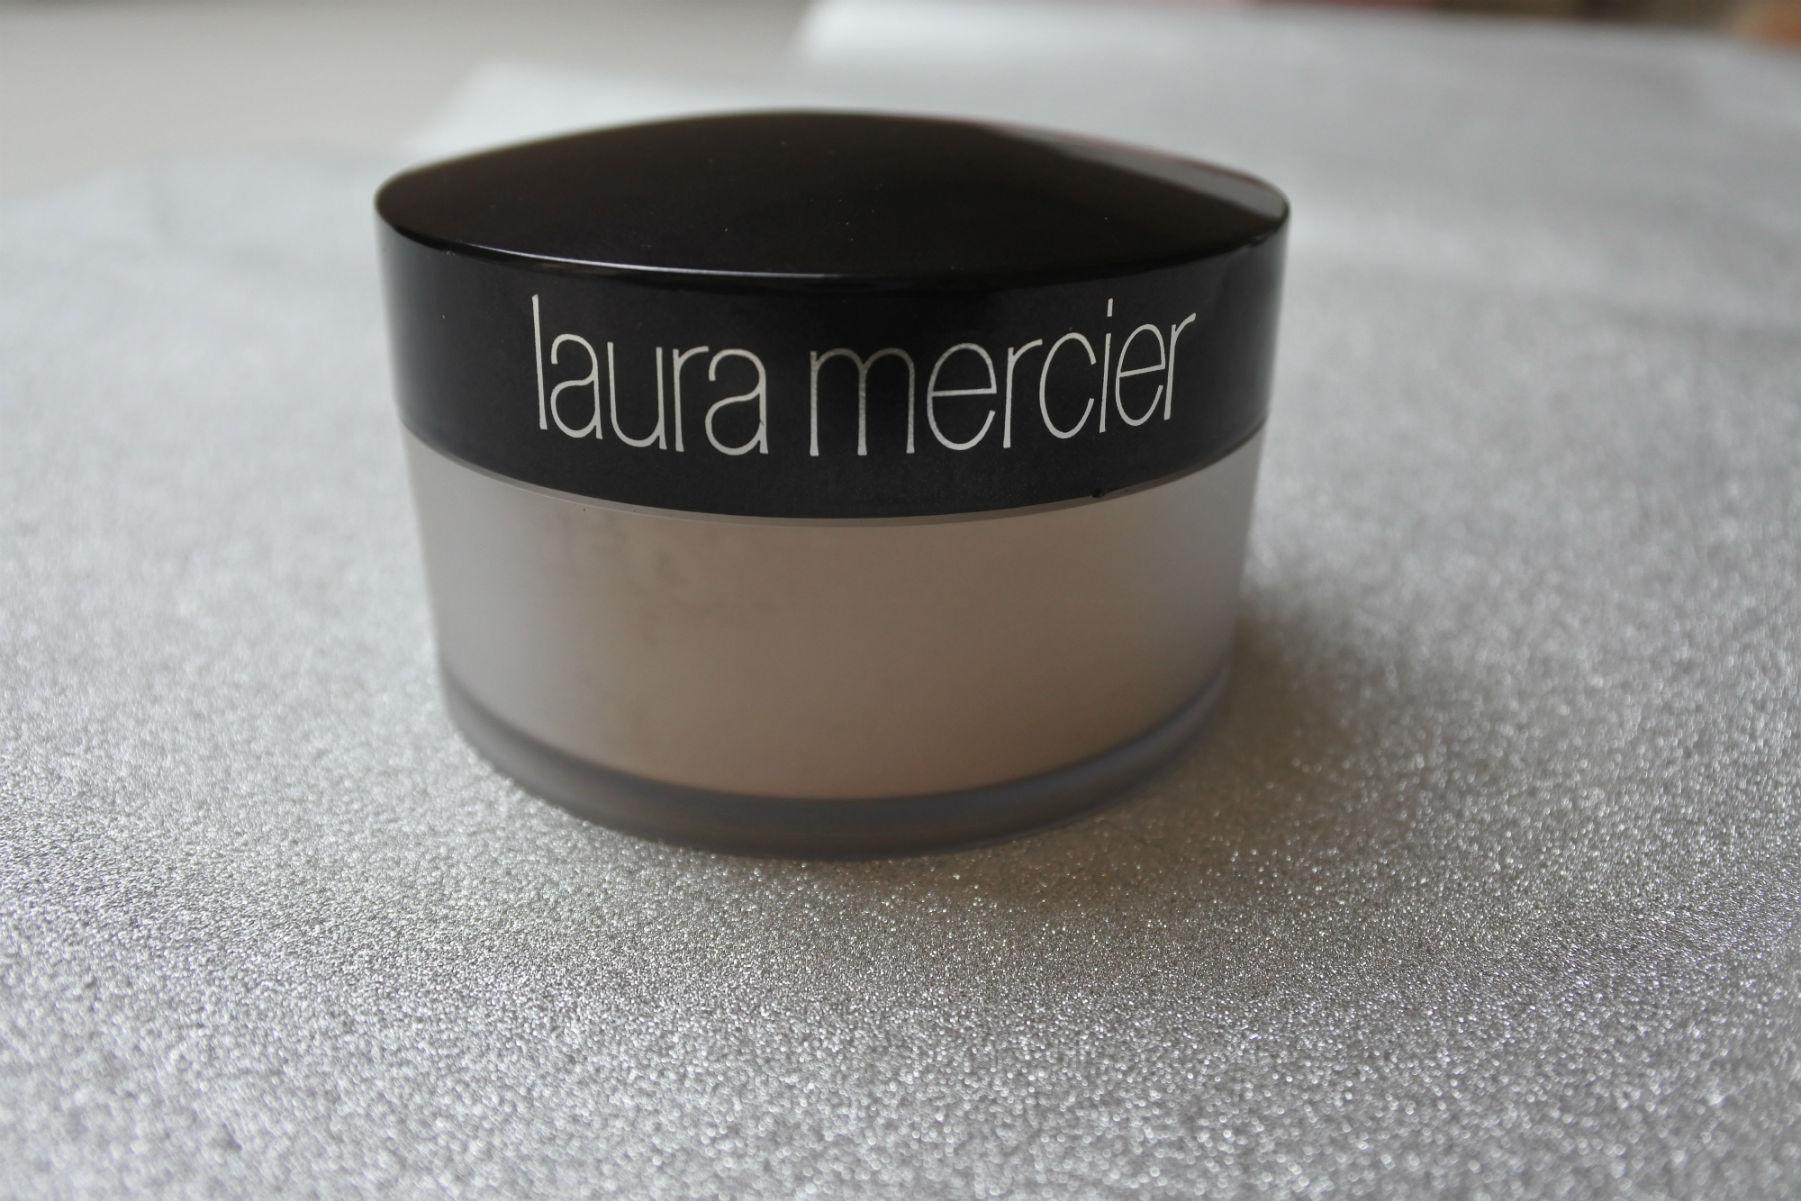 pudder, setting powder, skønhed, beautyprodukter, der ændrede mit liv, produkter, makeup, uundværlig